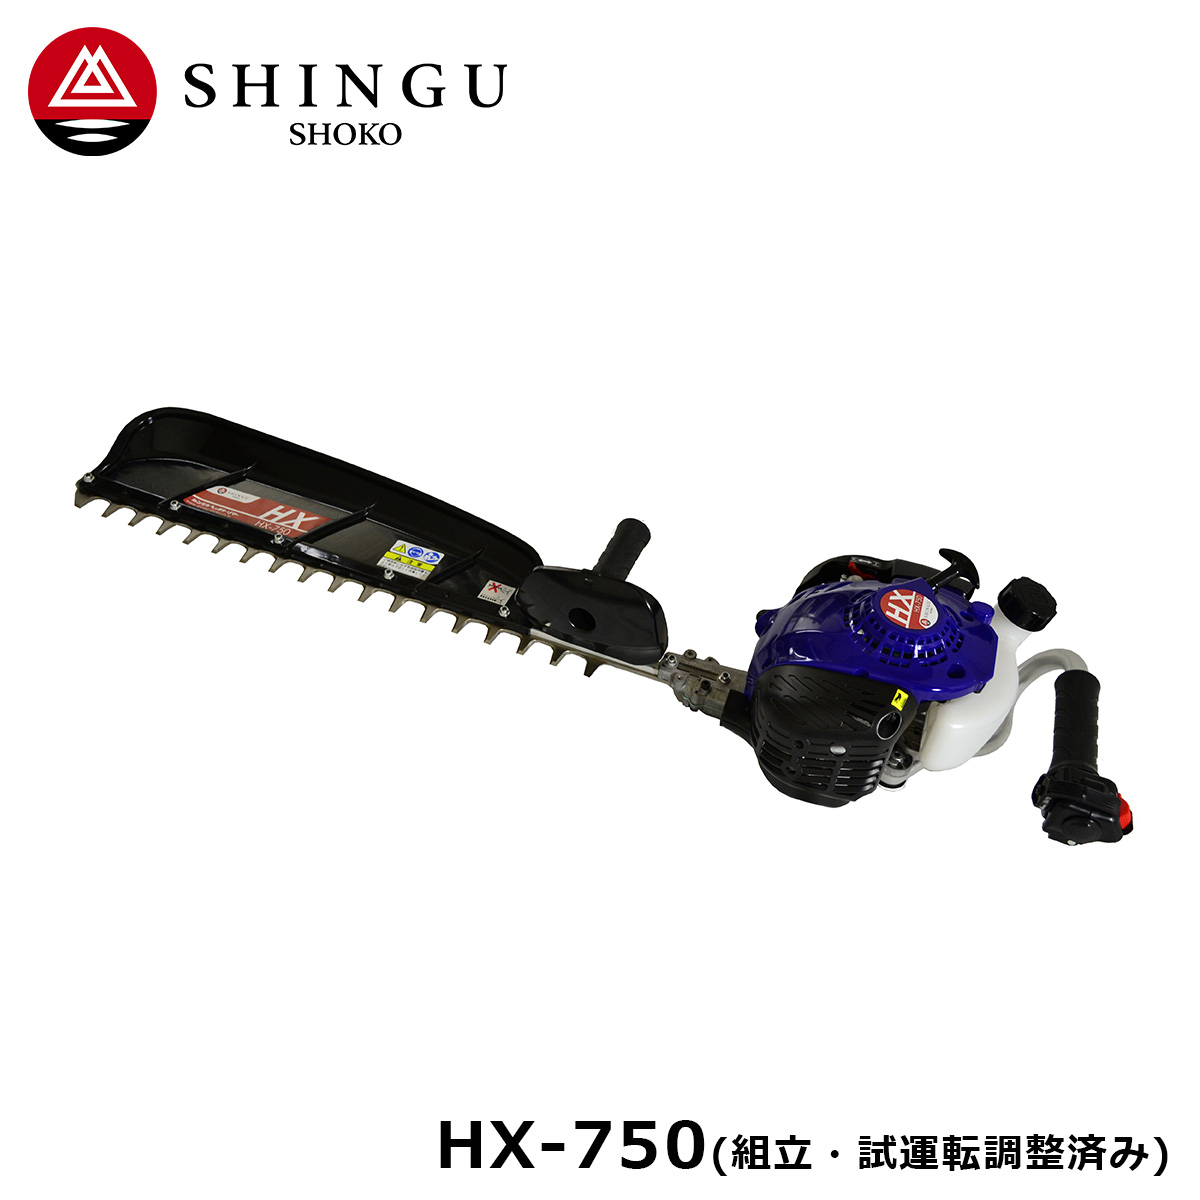 【送料無料】SHINGU HX-750 ヘッジトリマー エンジン式 軽量 高耐久 高耐久刃 シングウ